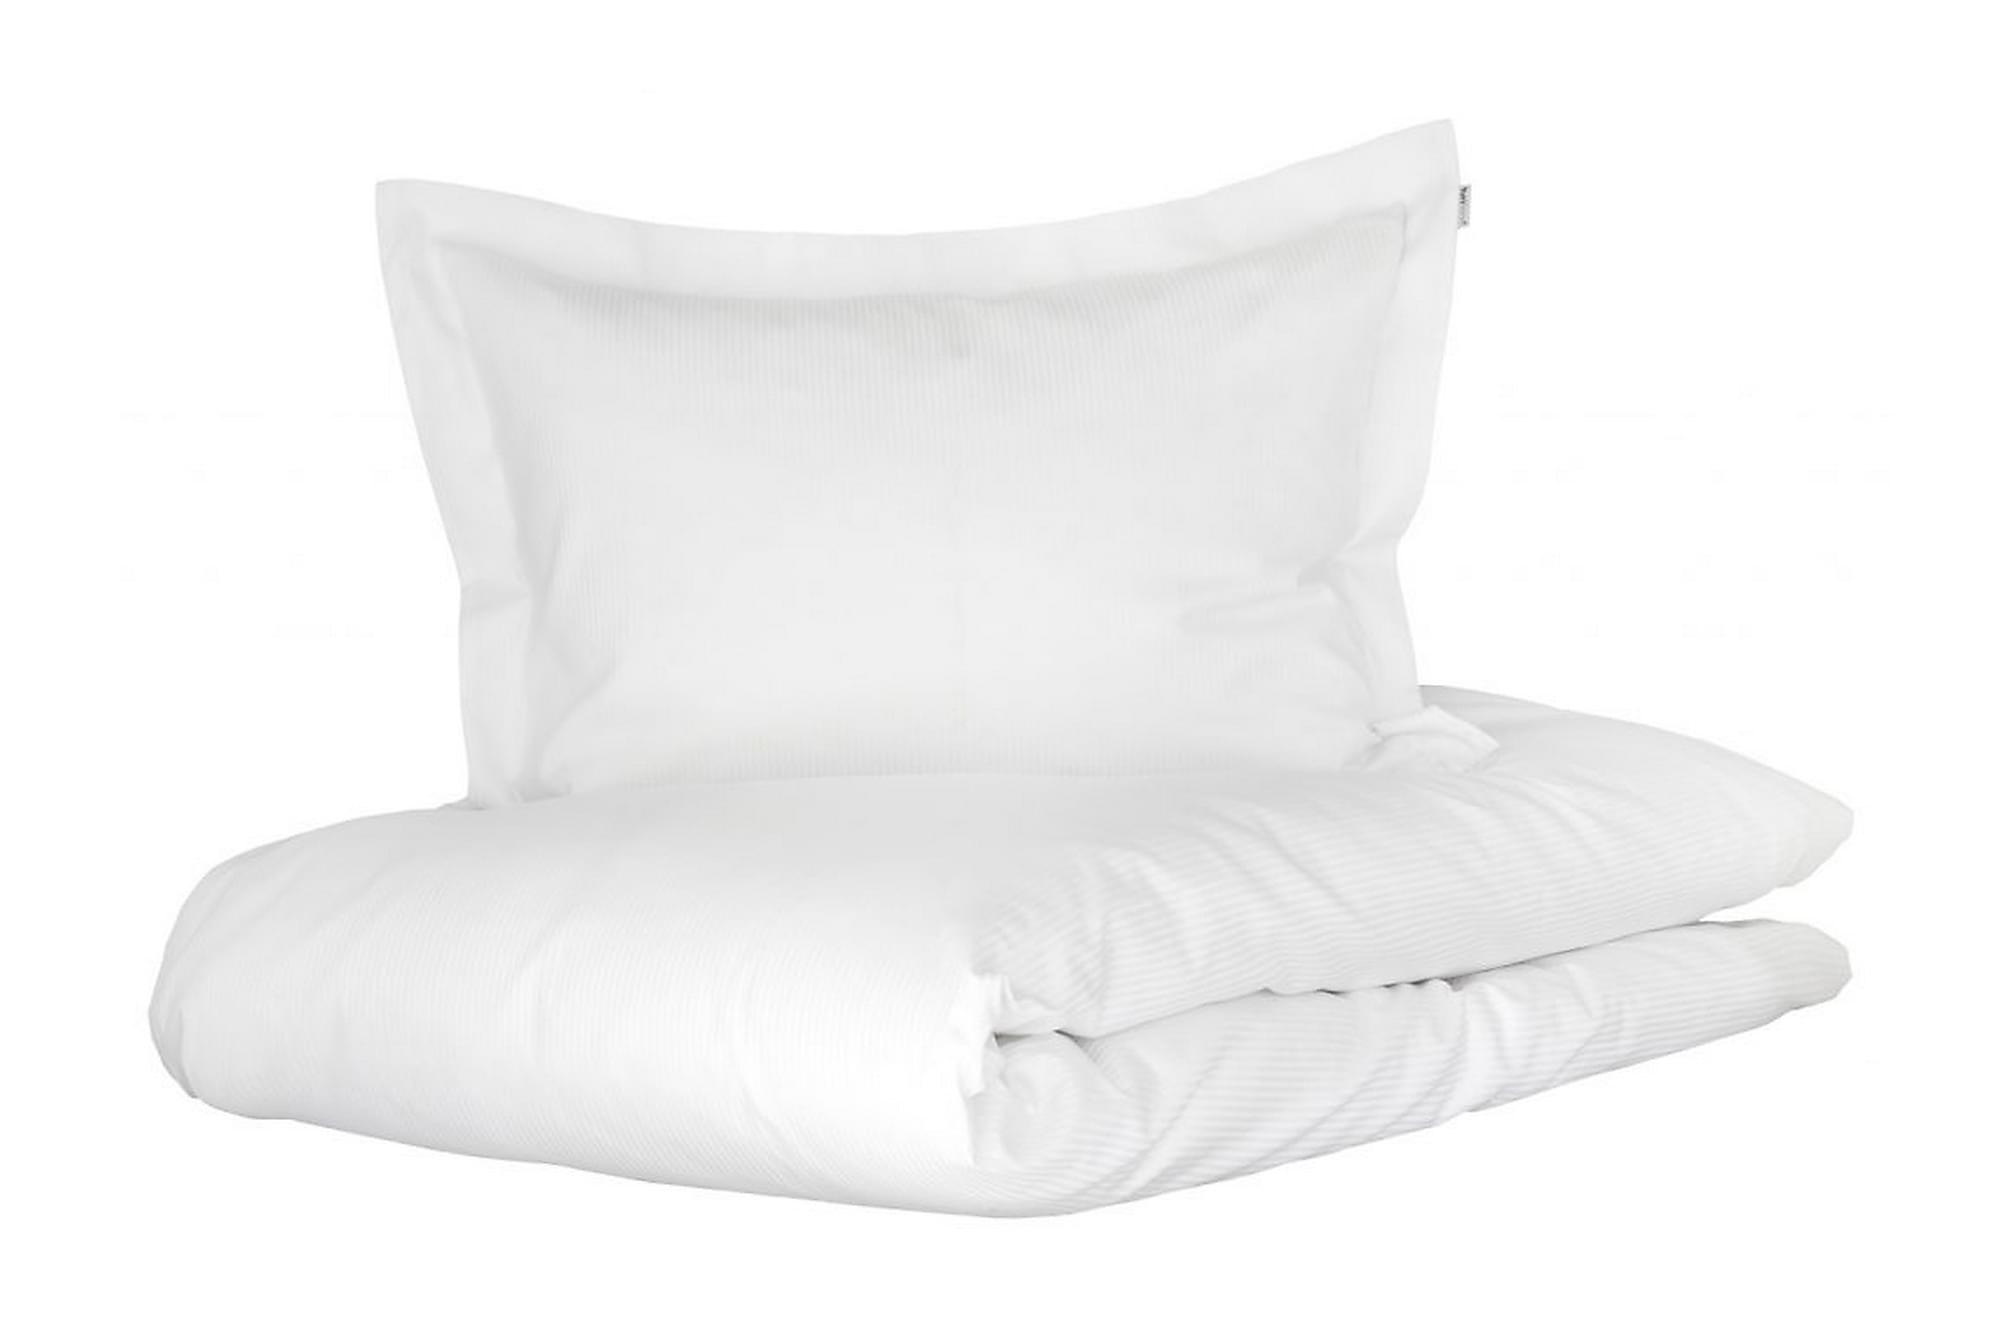 ALDERNEY Bäddset 220x230 cm Satin Vit, Sängkläder